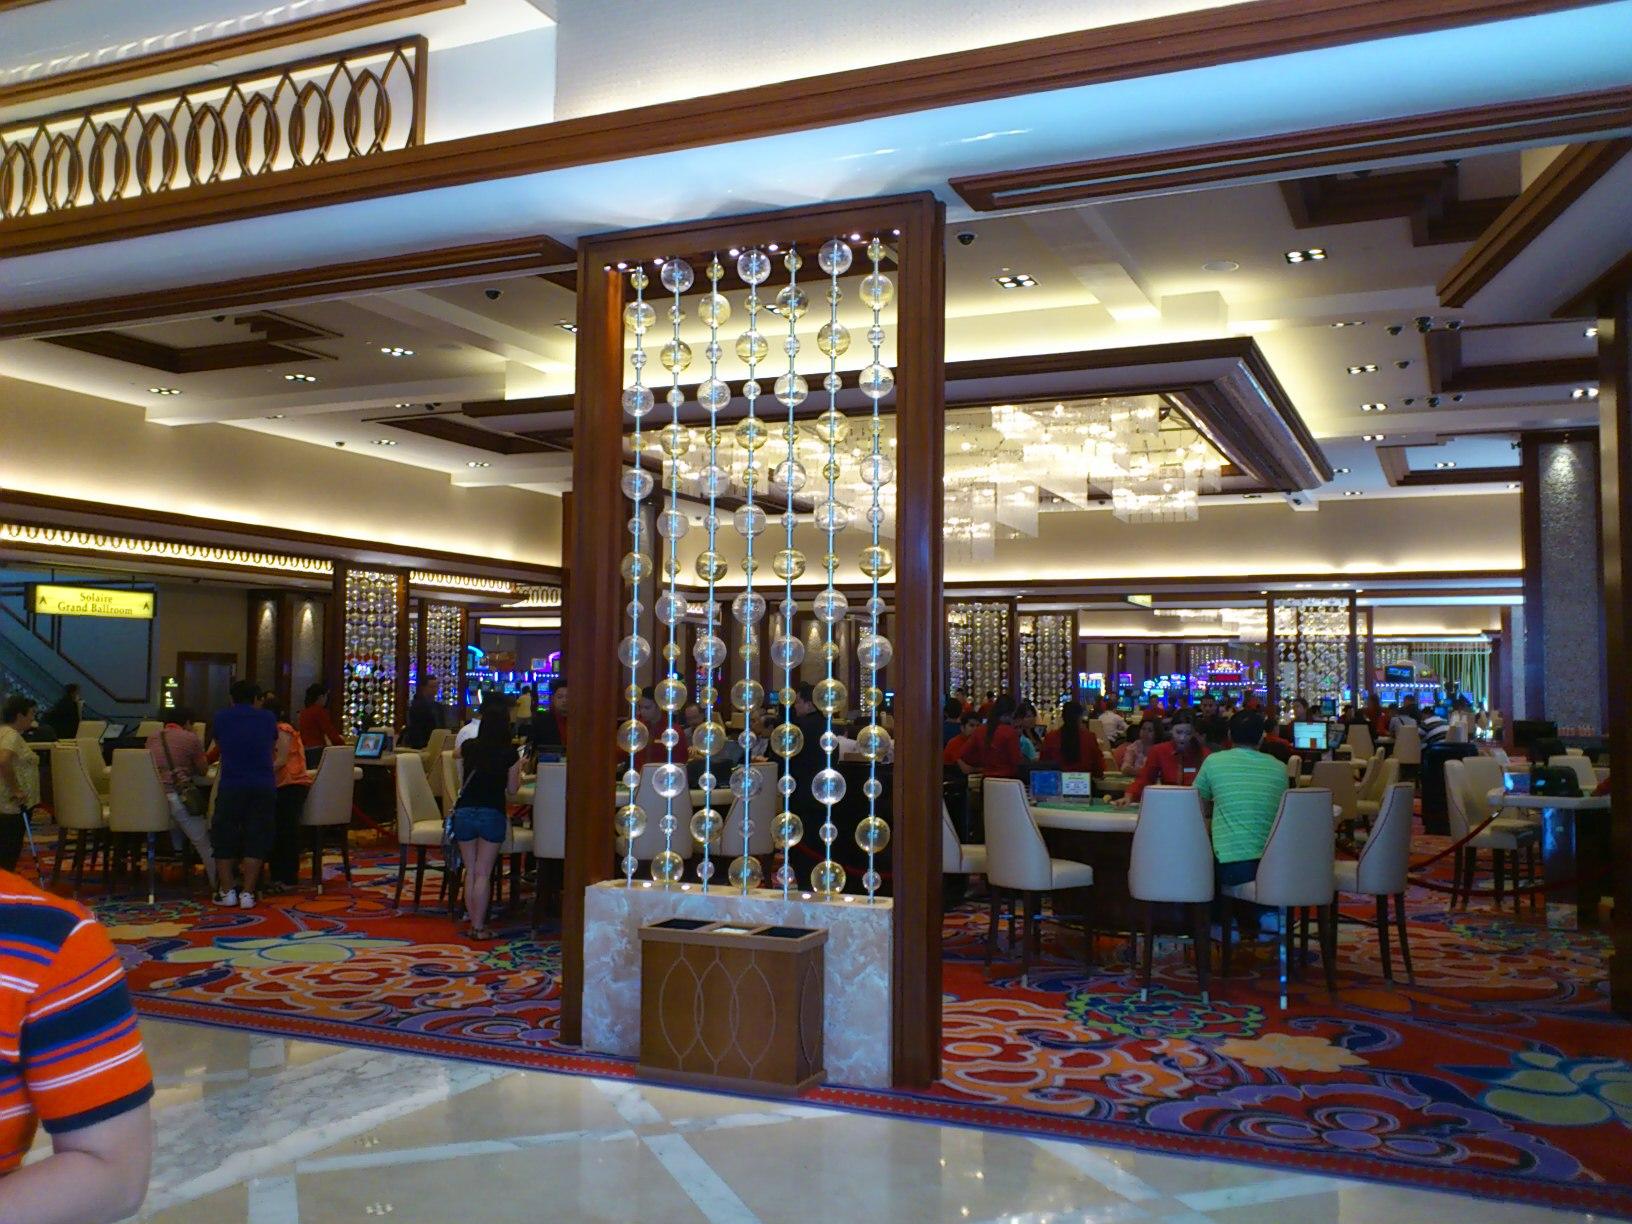 DSC 1871 マニラに出来た新しいカジノリゾート Solaire Resorts & Casino